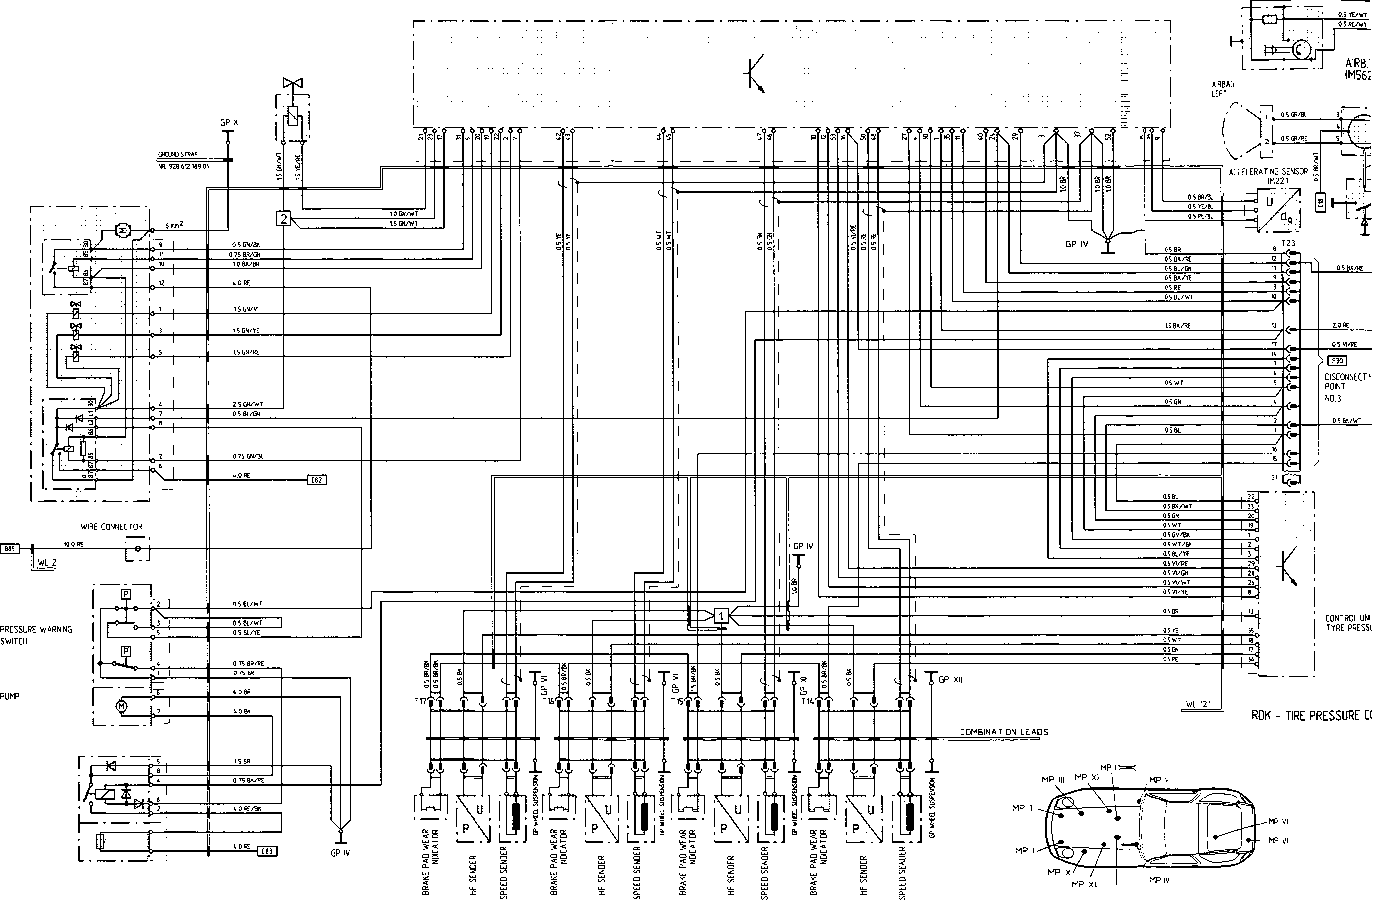 [NRIO_4796]   SY_9543] Porsche 964 Dme Wiring Diagram Download Diagram | 1992 Porsche 911 Dme Wiring Diagram |  | Neph Knie Numap Mohammedshrine Librar Wiring 101